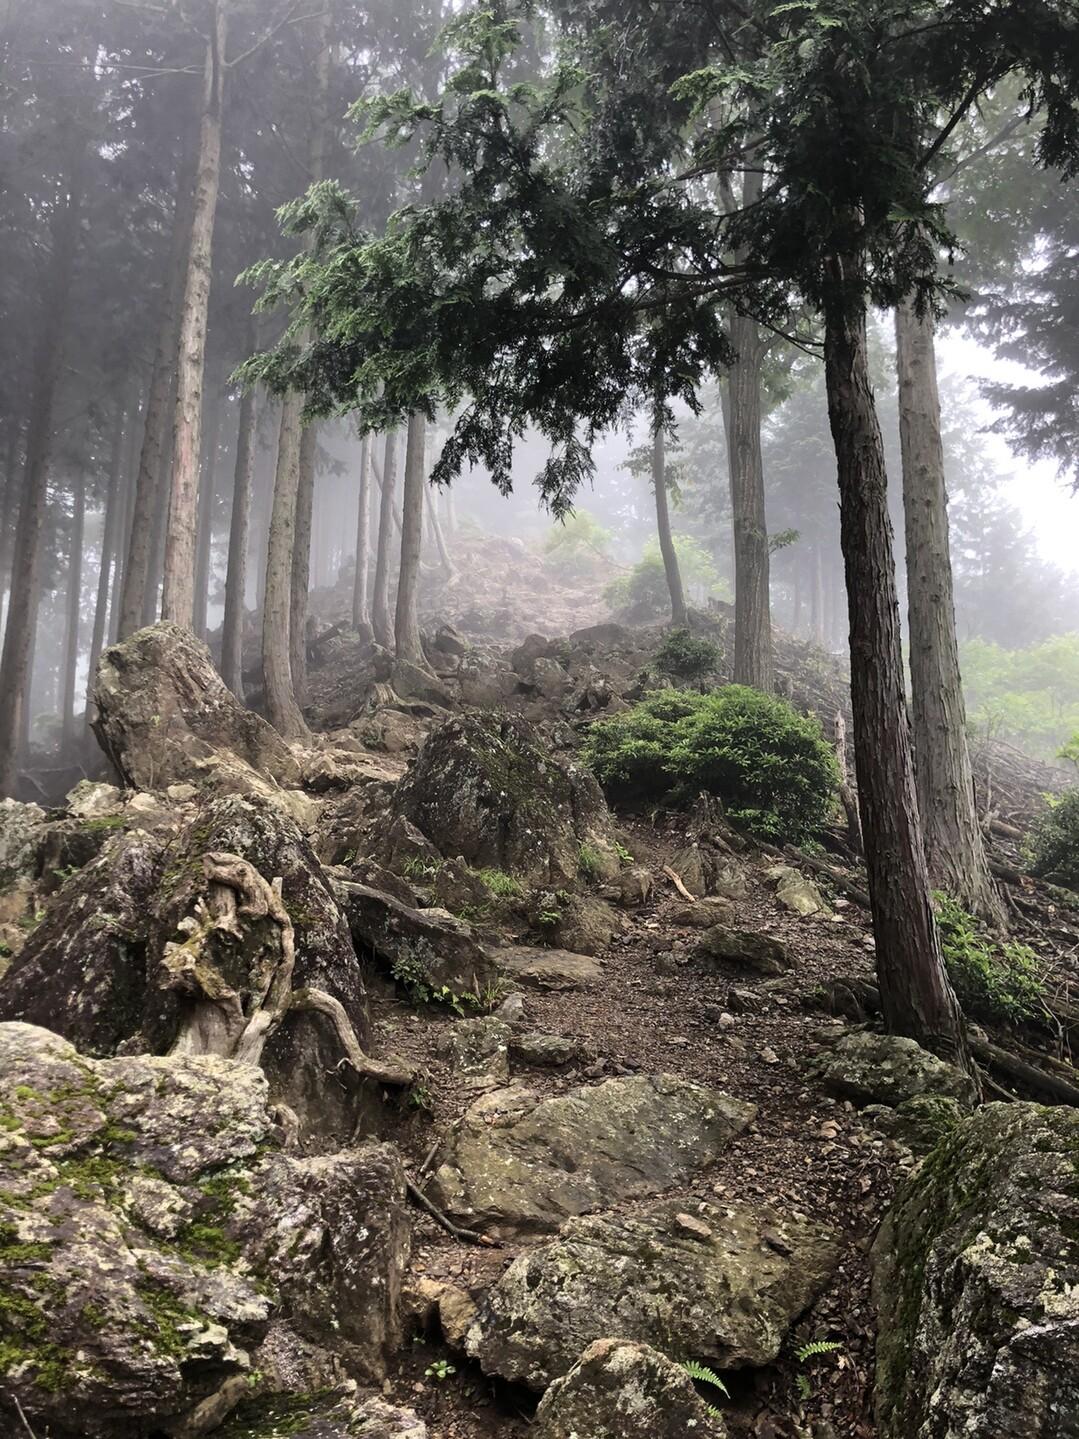 ここでガスってきた!雲の中に突入する山登りも悪くないね。<br> 神秘的な雰囲気の中サクサク進む。